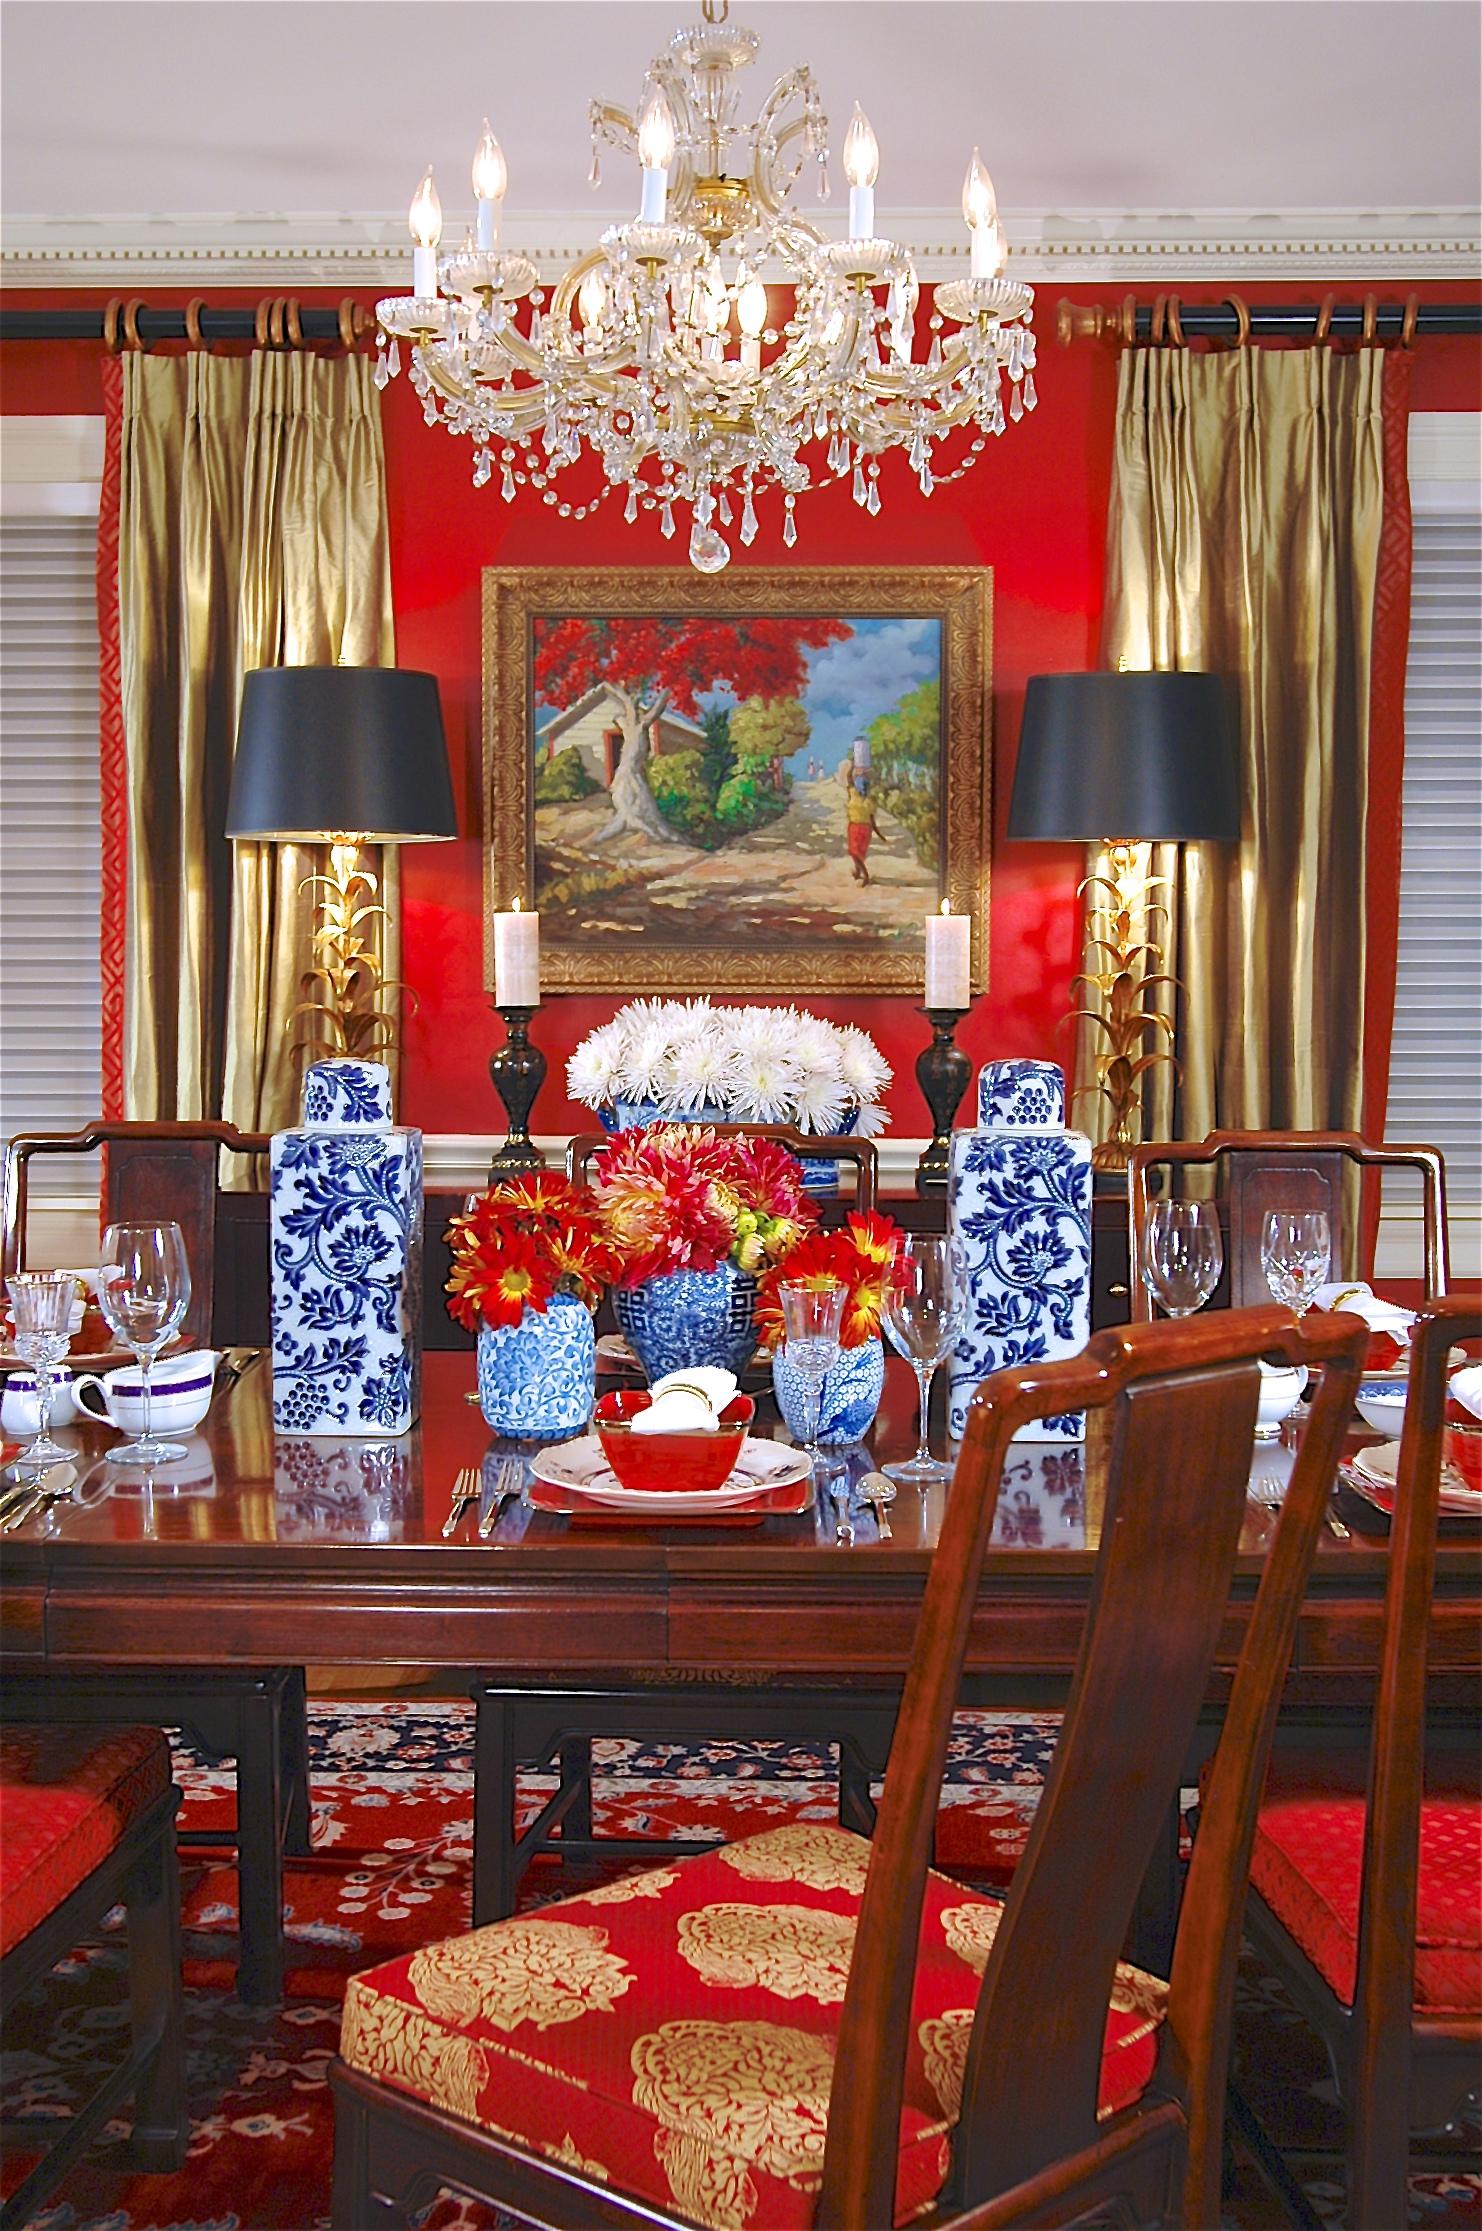 _Dining Room_DSC_0578.jpg - Version 2